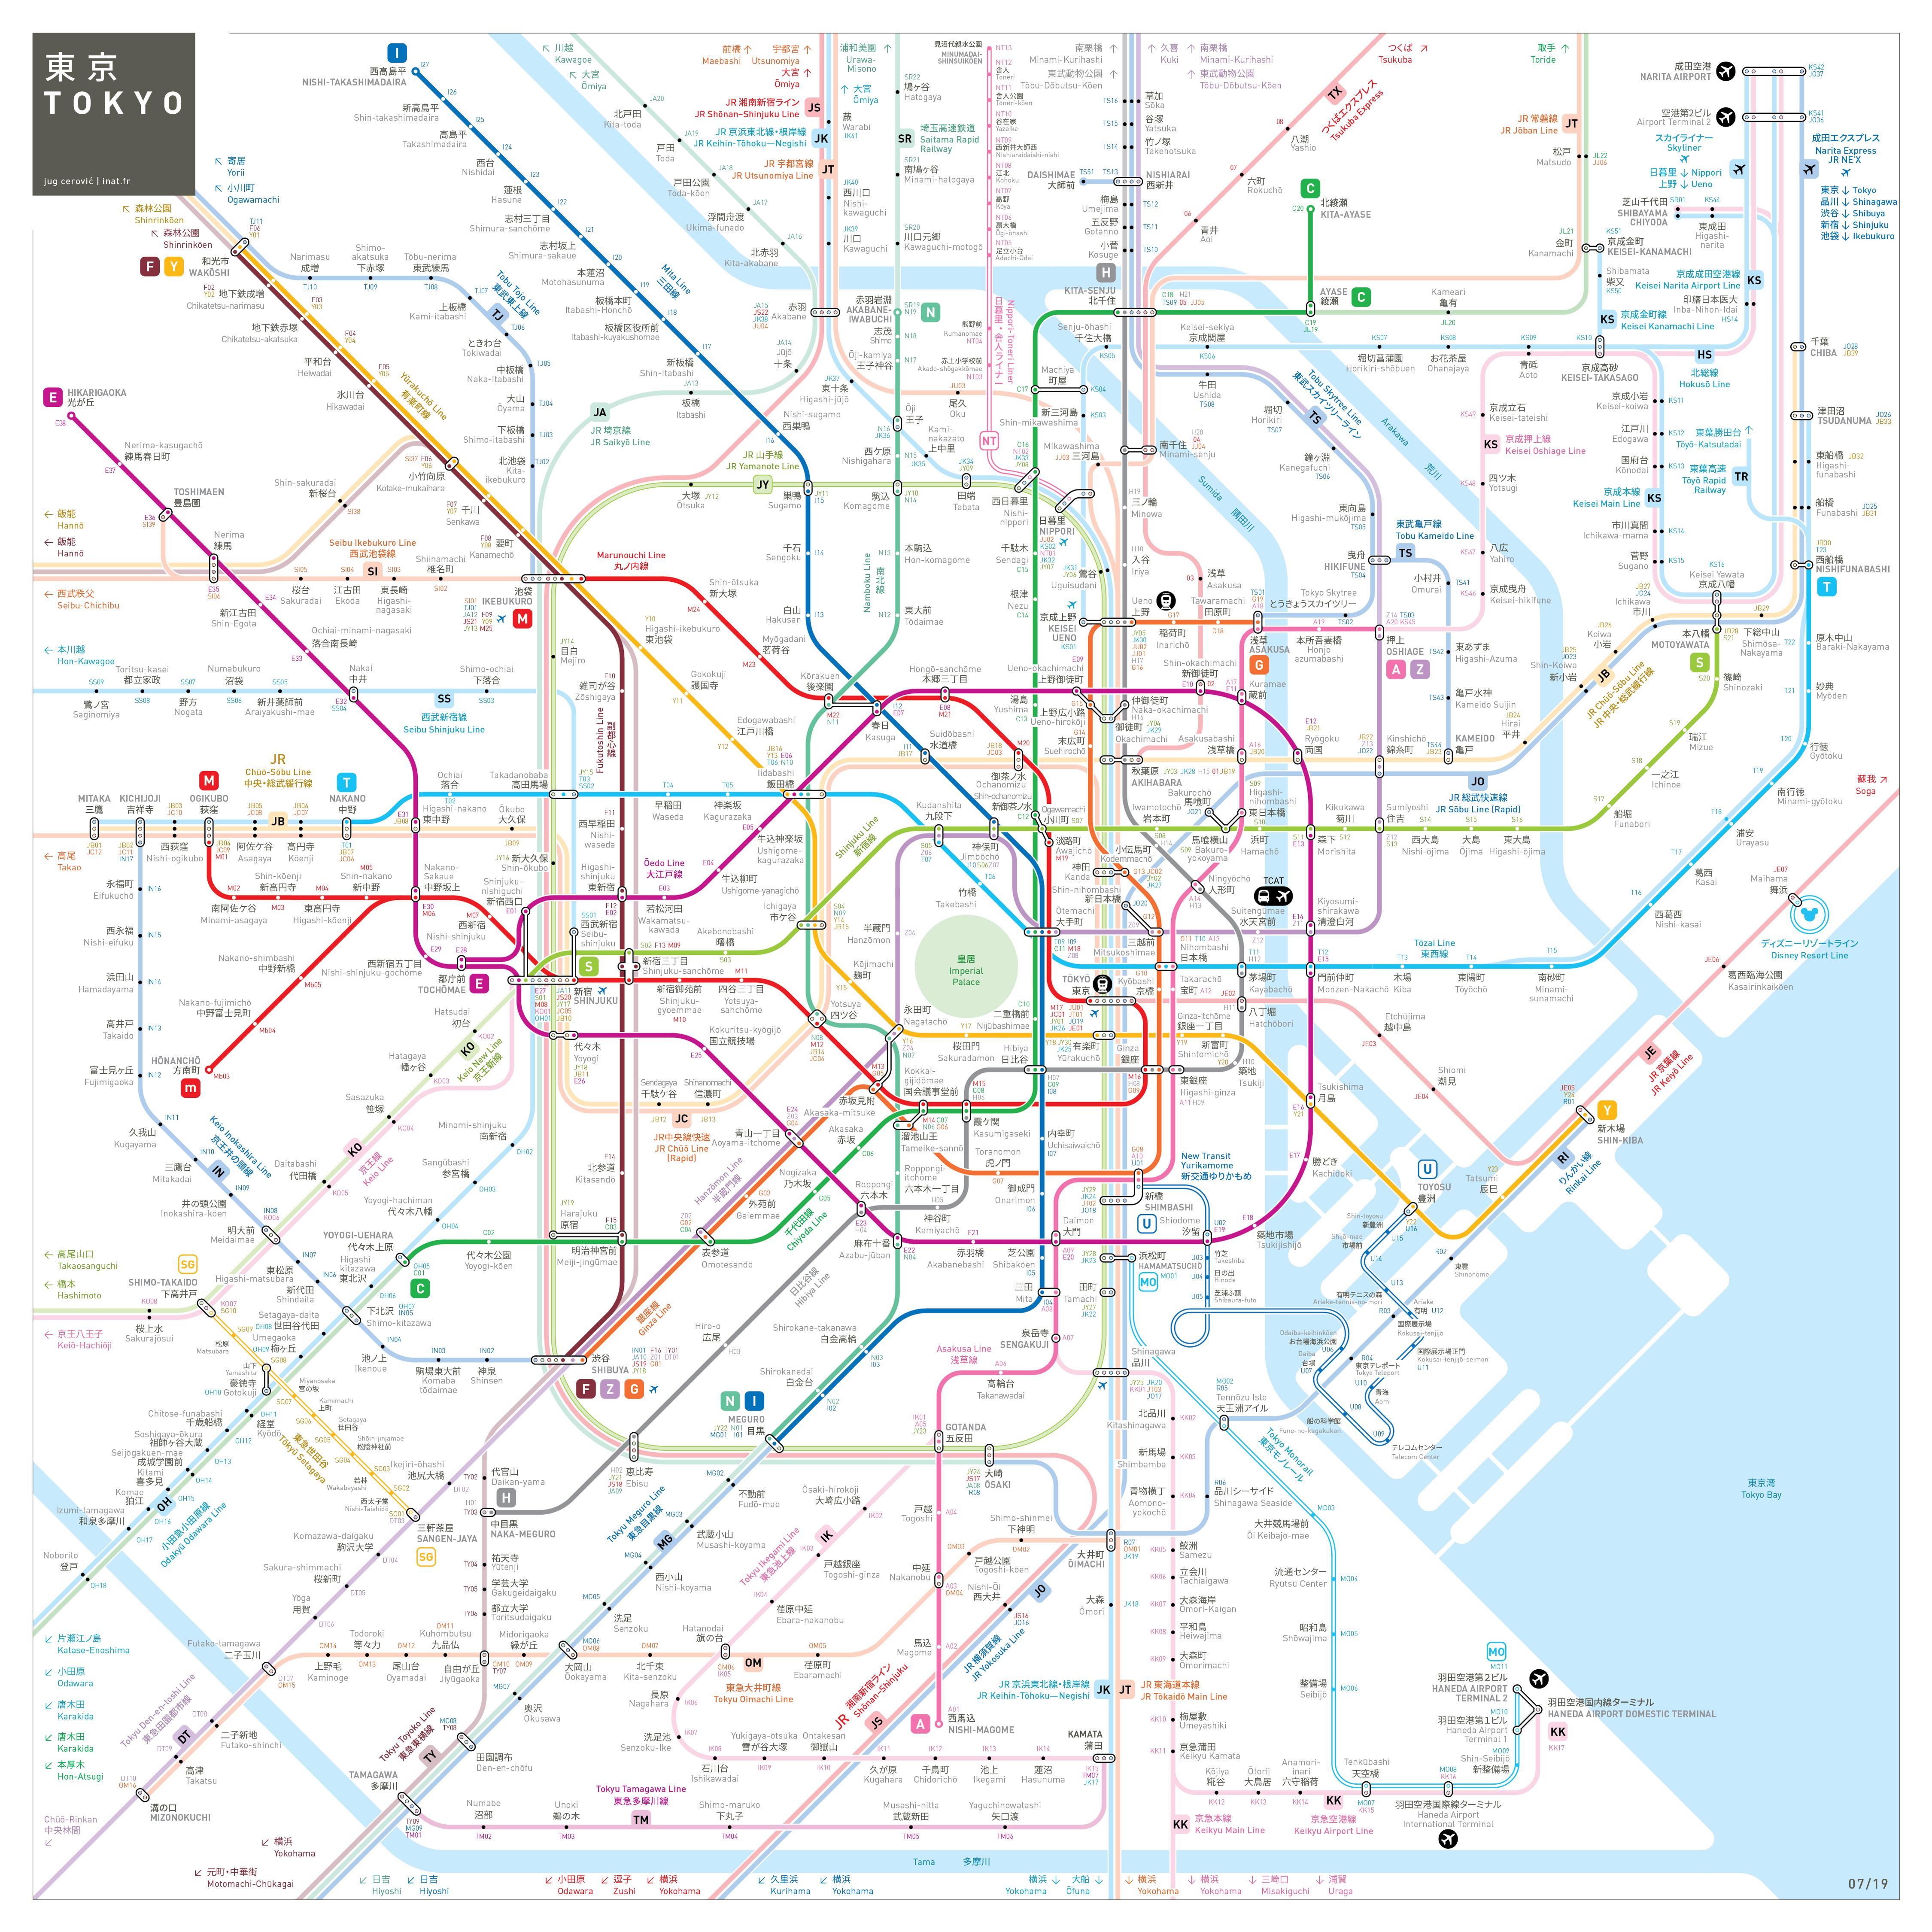 Seoul Station Subway Map.Metro Jug Cerovic Architect